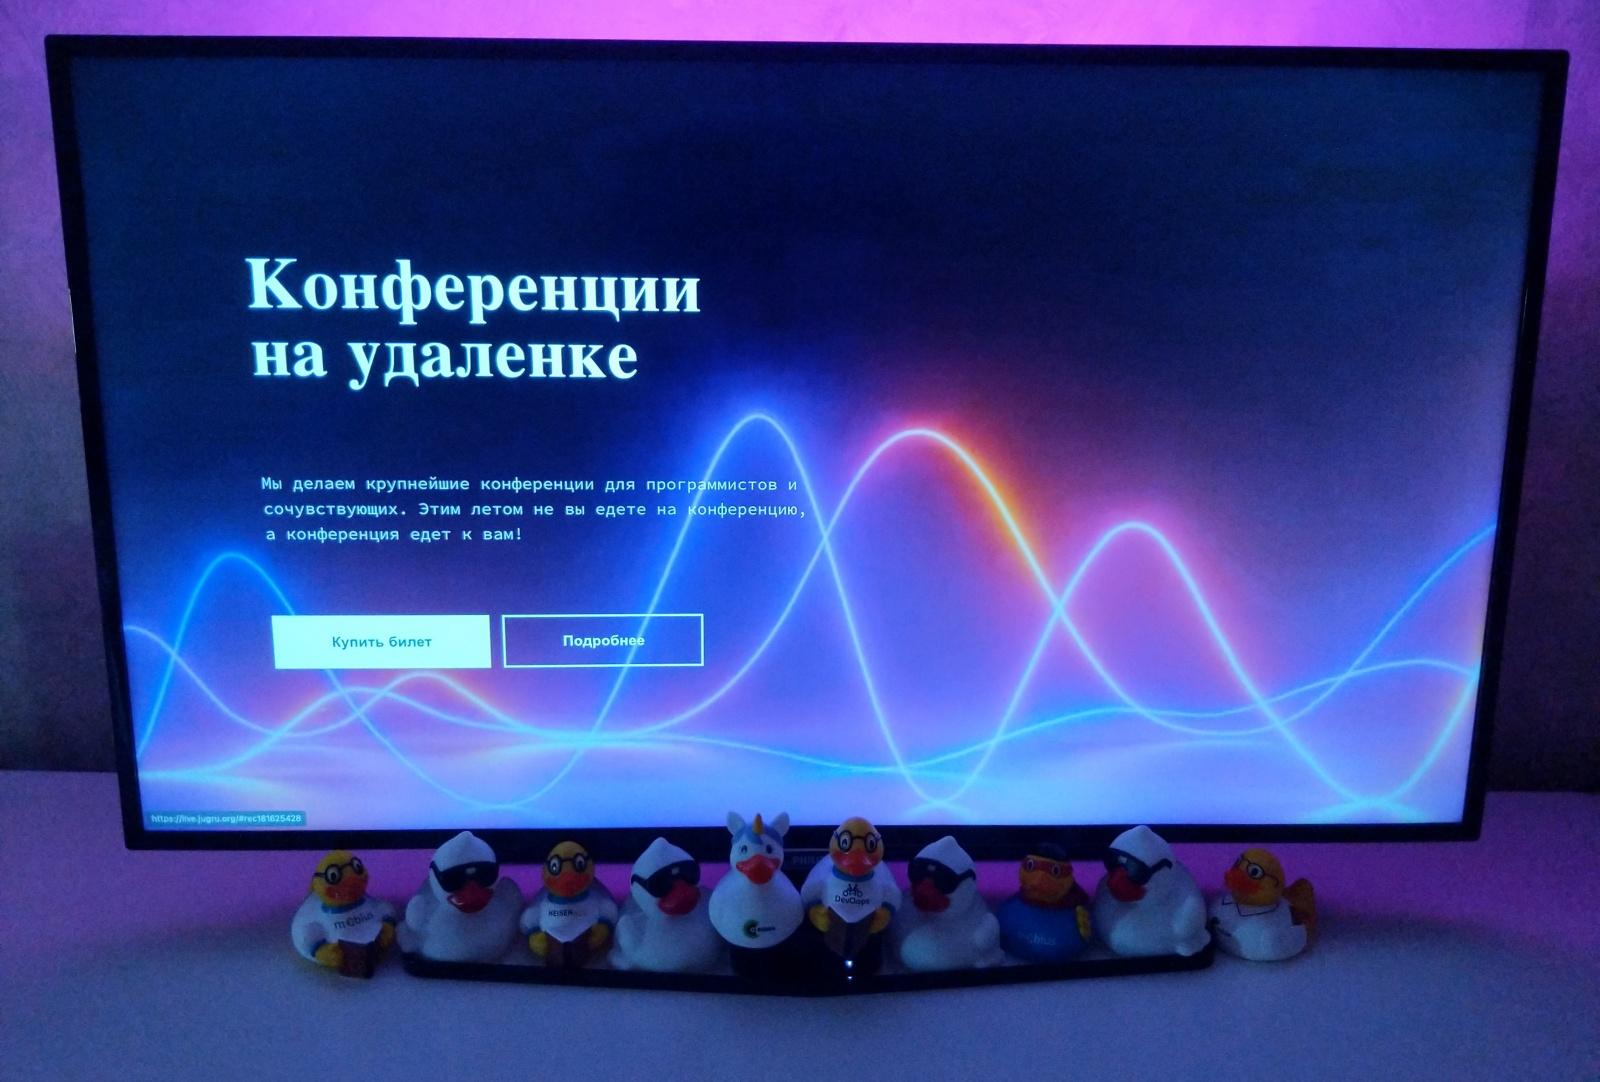 Конференции на удалёнке: онлайн-трансформация JUG Ru Group - 4